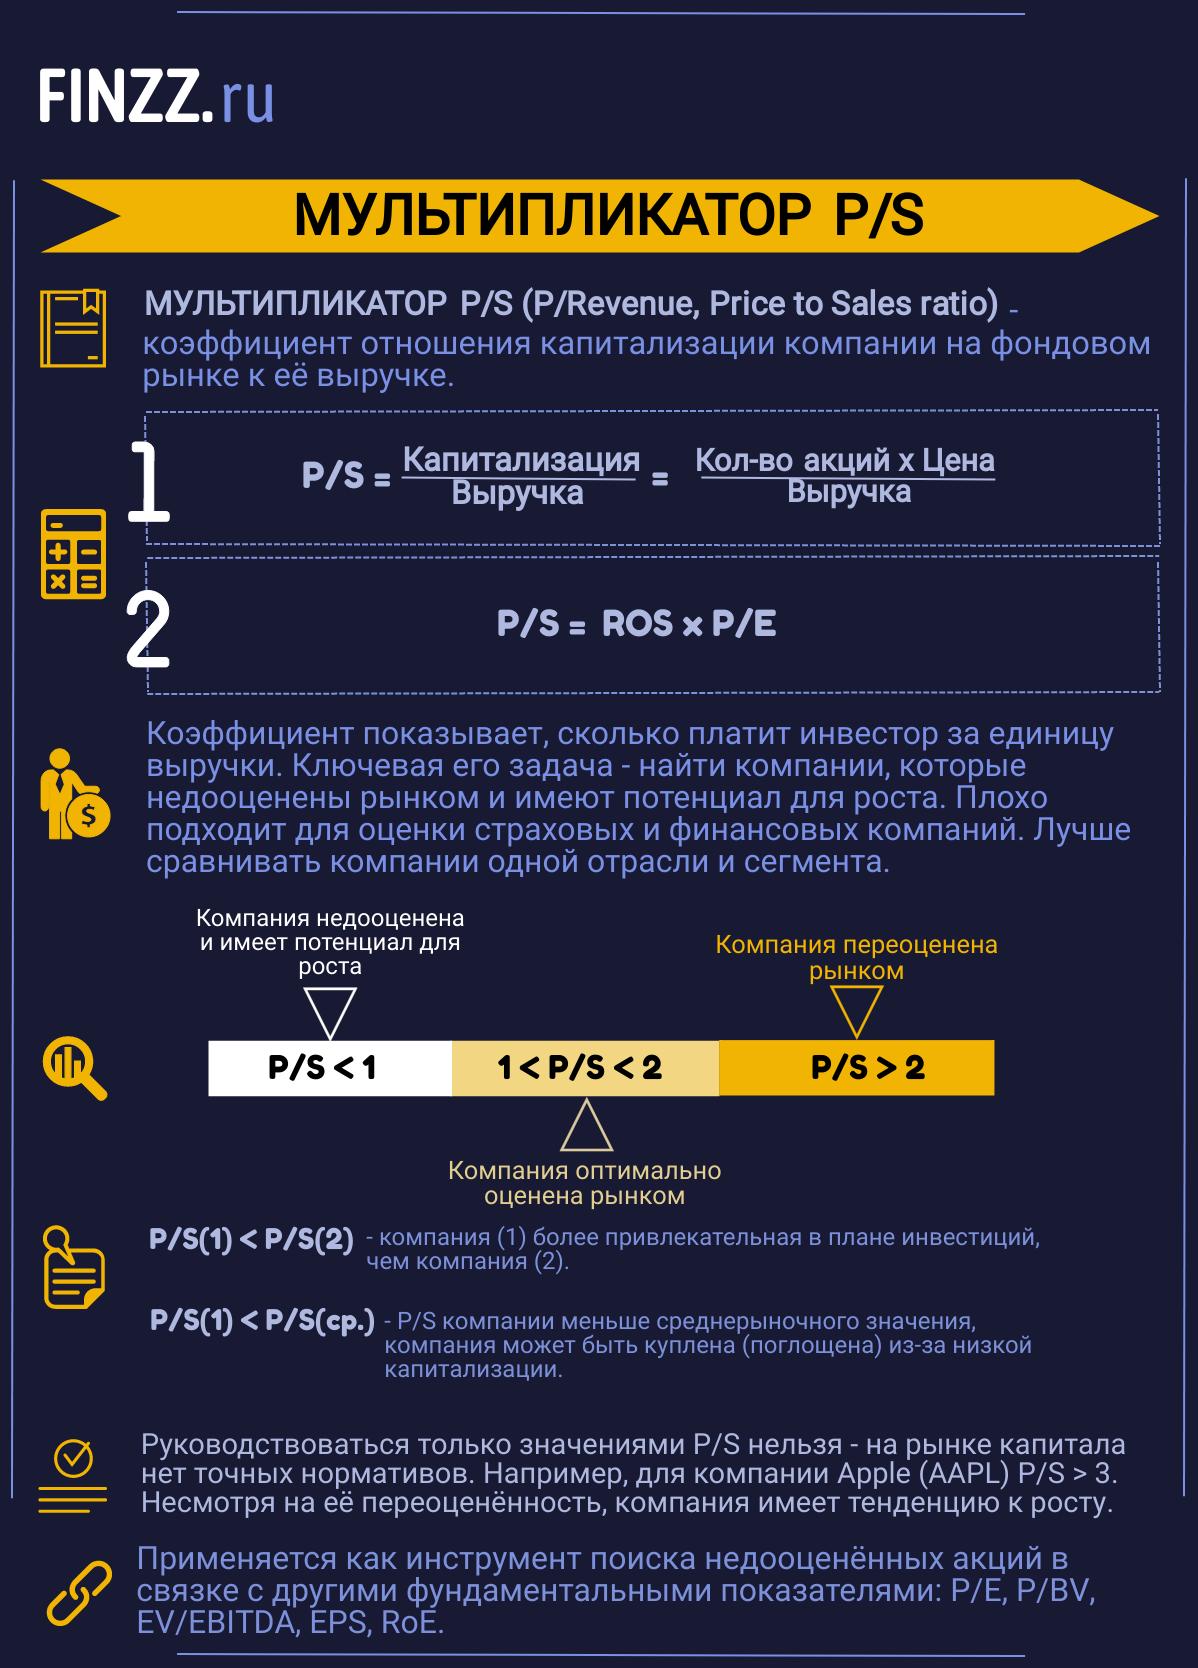 Инфографика. Мультипликатор P/S